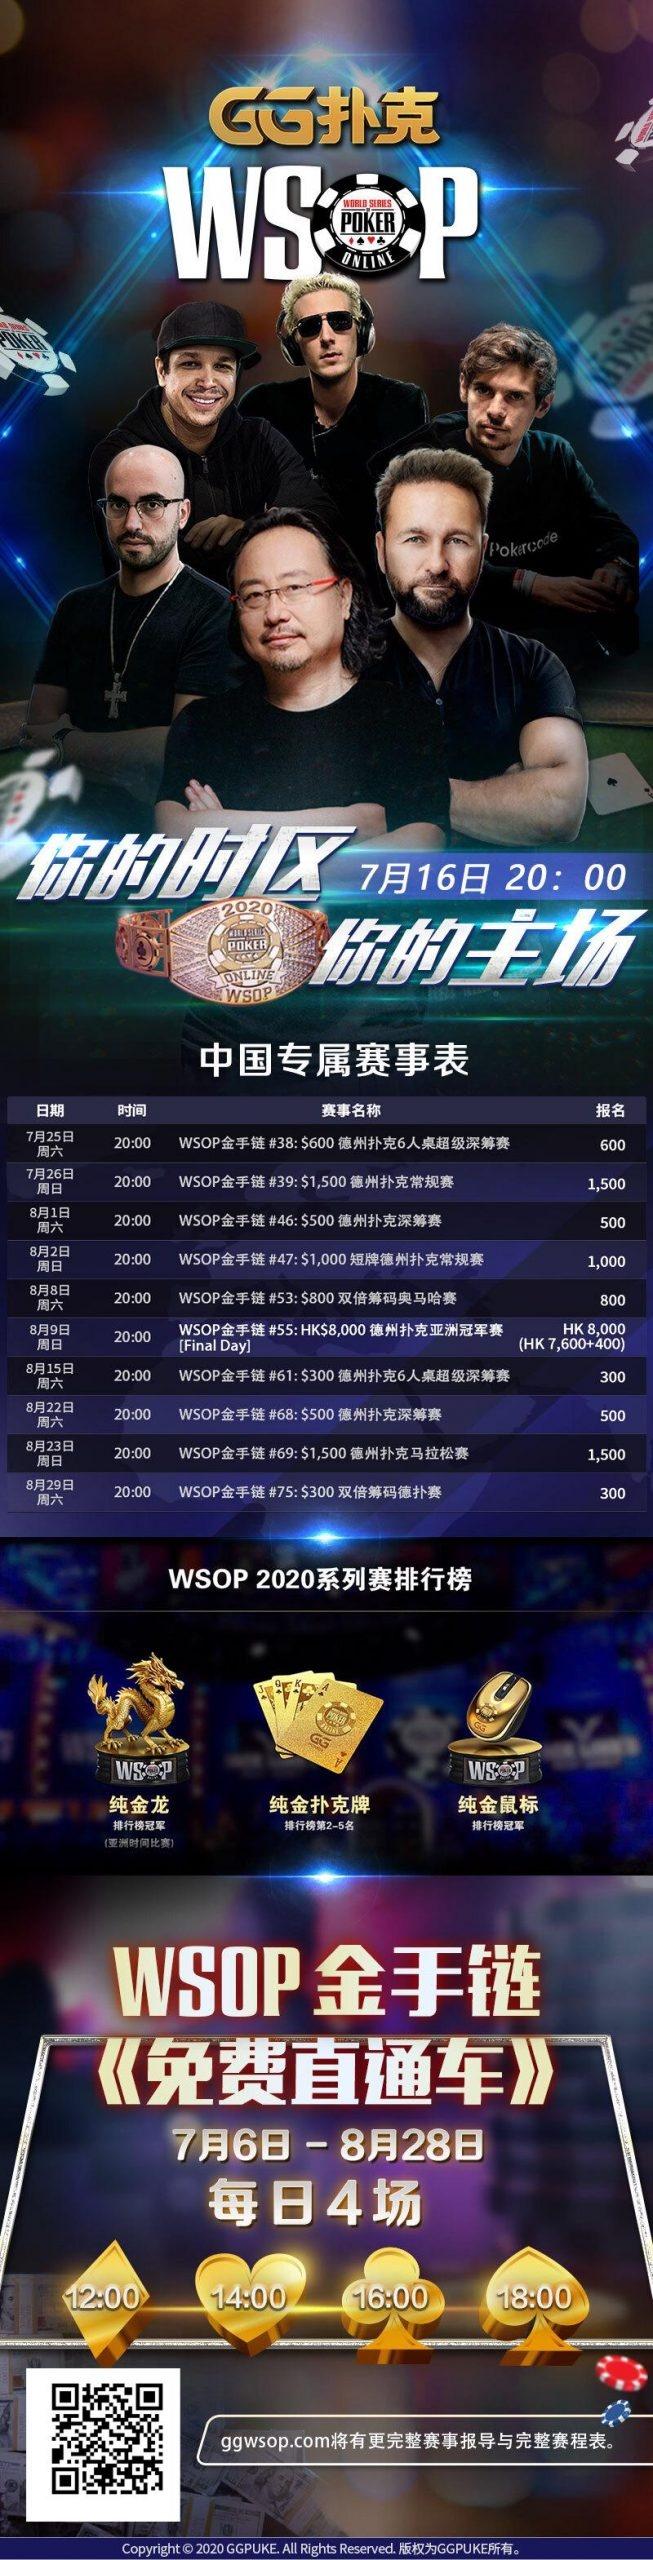 【蜗牛扑克】就是这条手链,让世界扑克大神都为它疯狂!